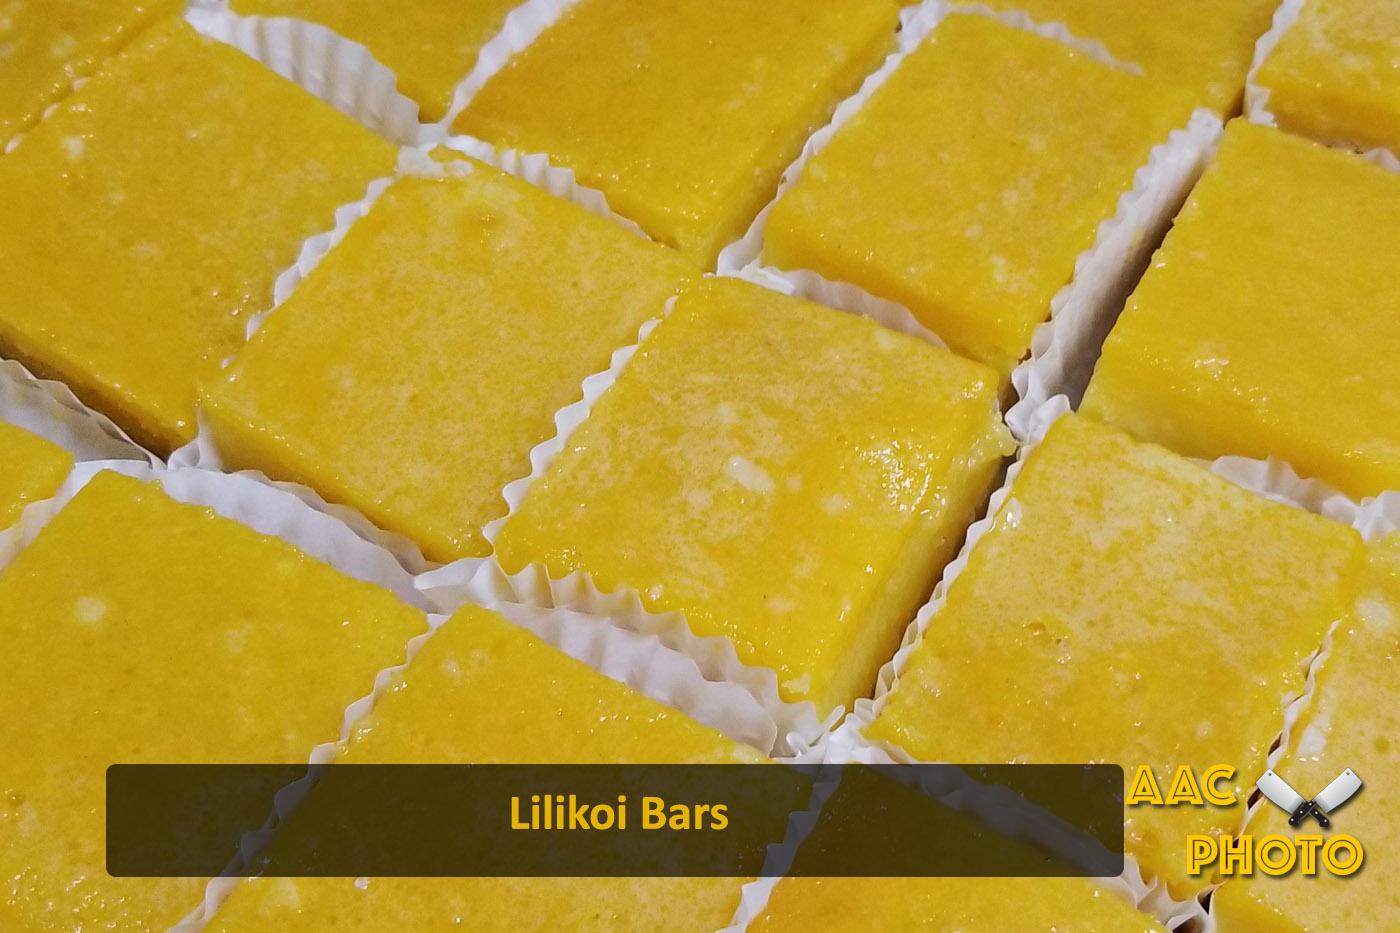 Lilikoi Bars